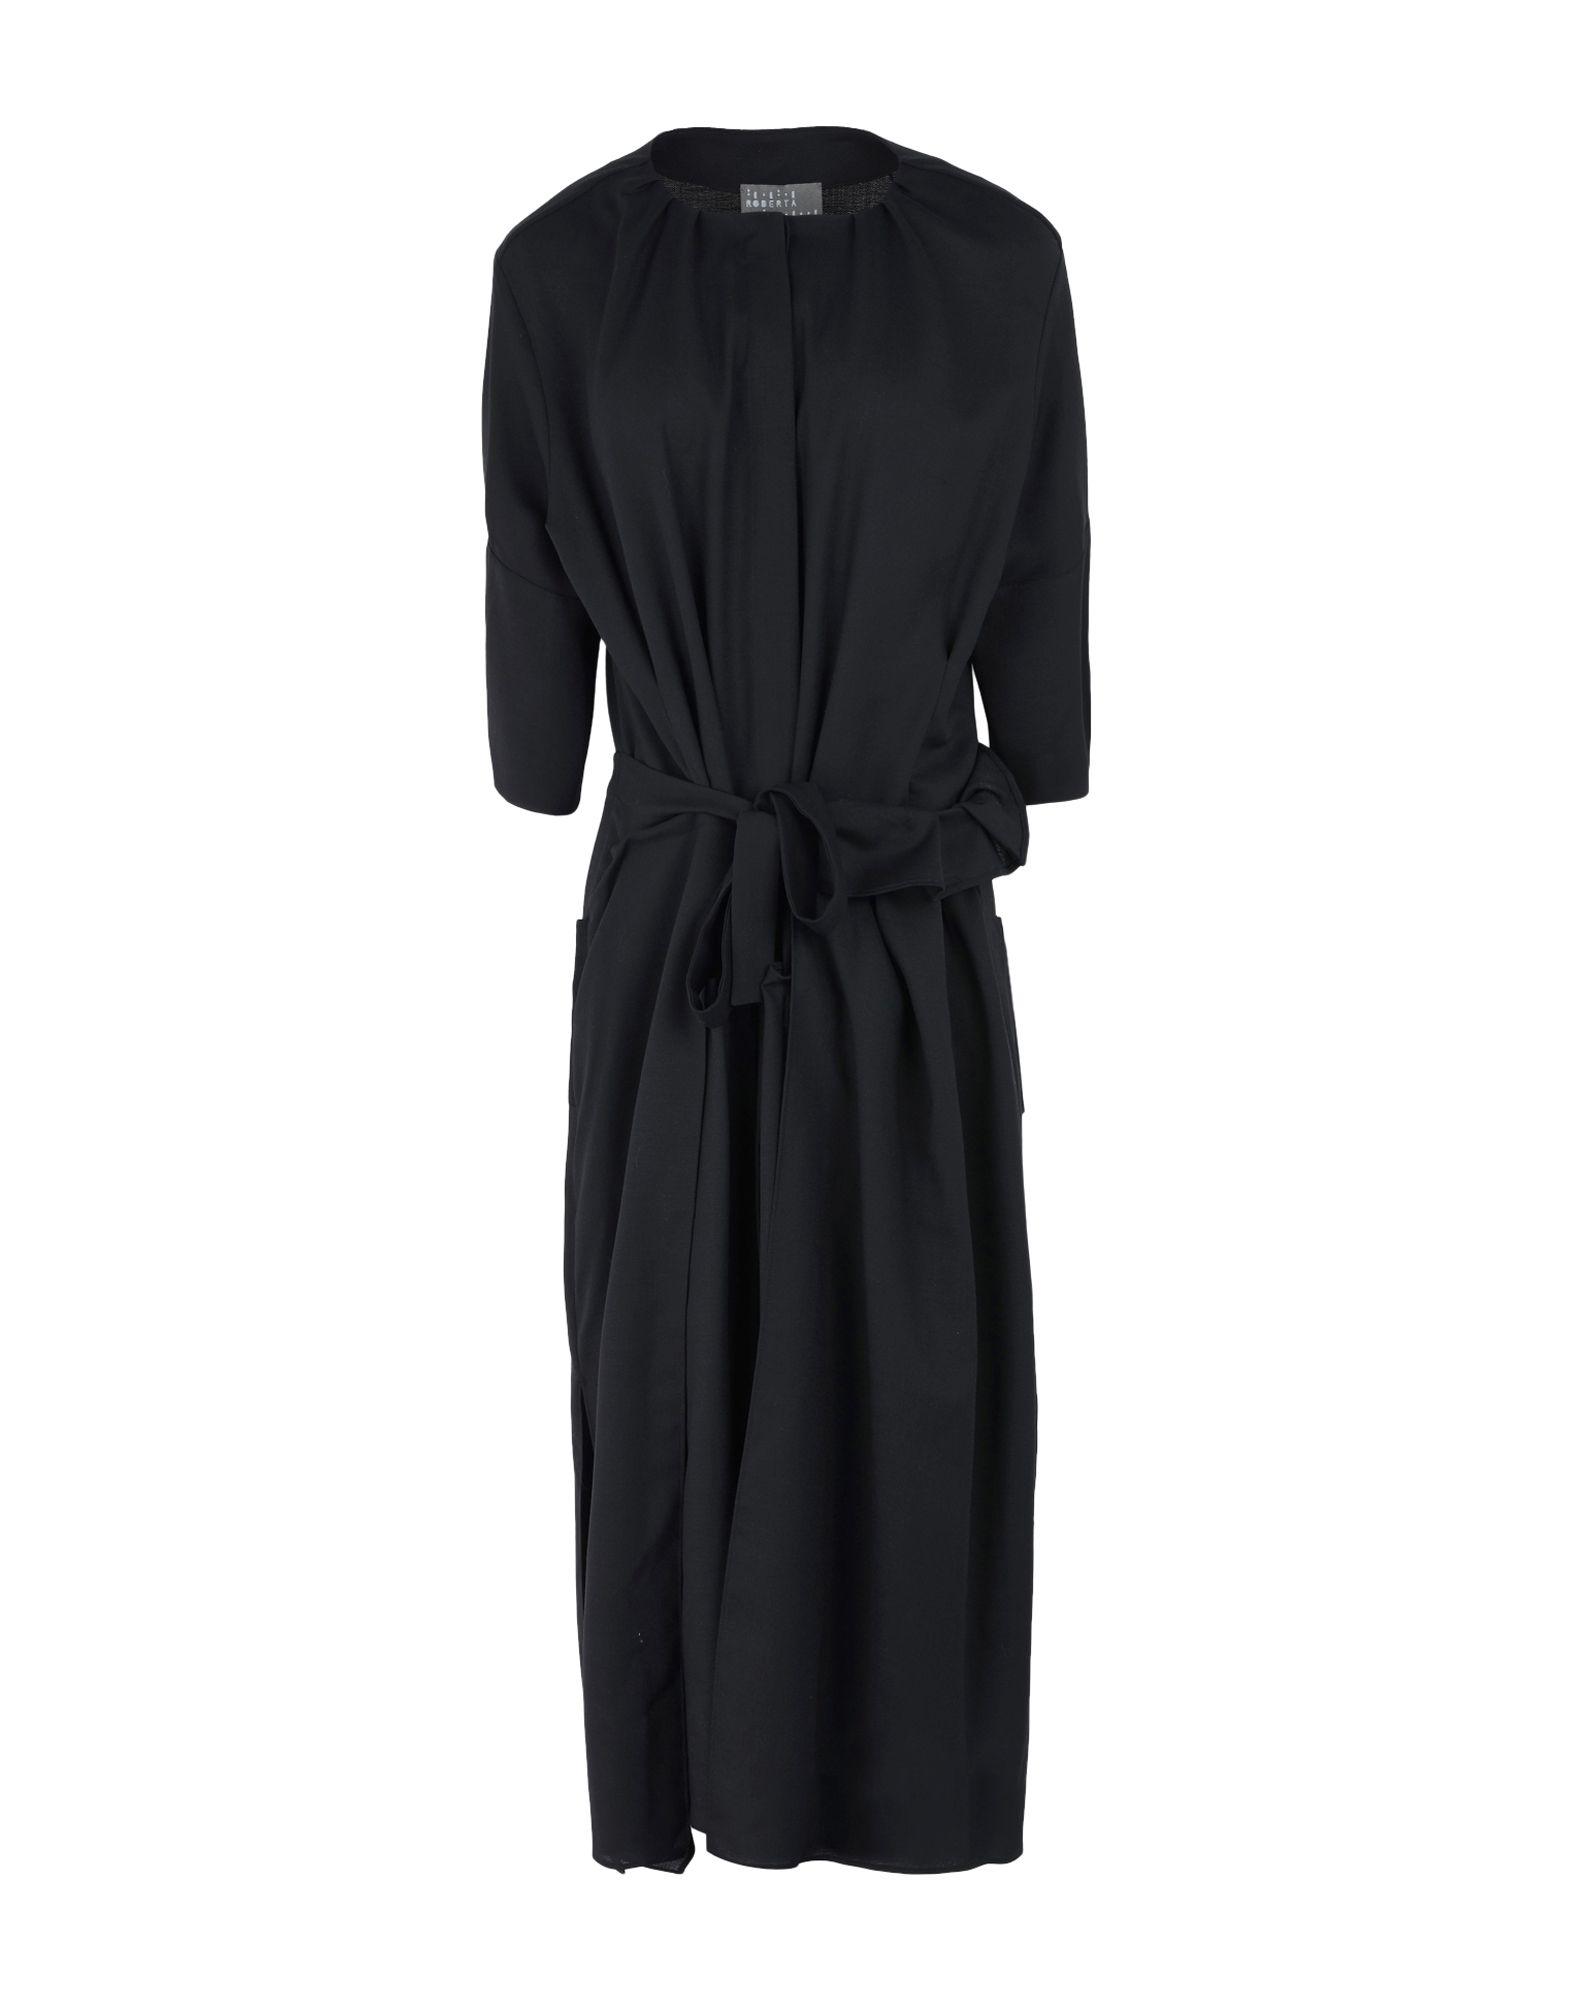 ROBERTA FURLANETTO Платье длиной 3/4 пылесос hoover rc1410 019